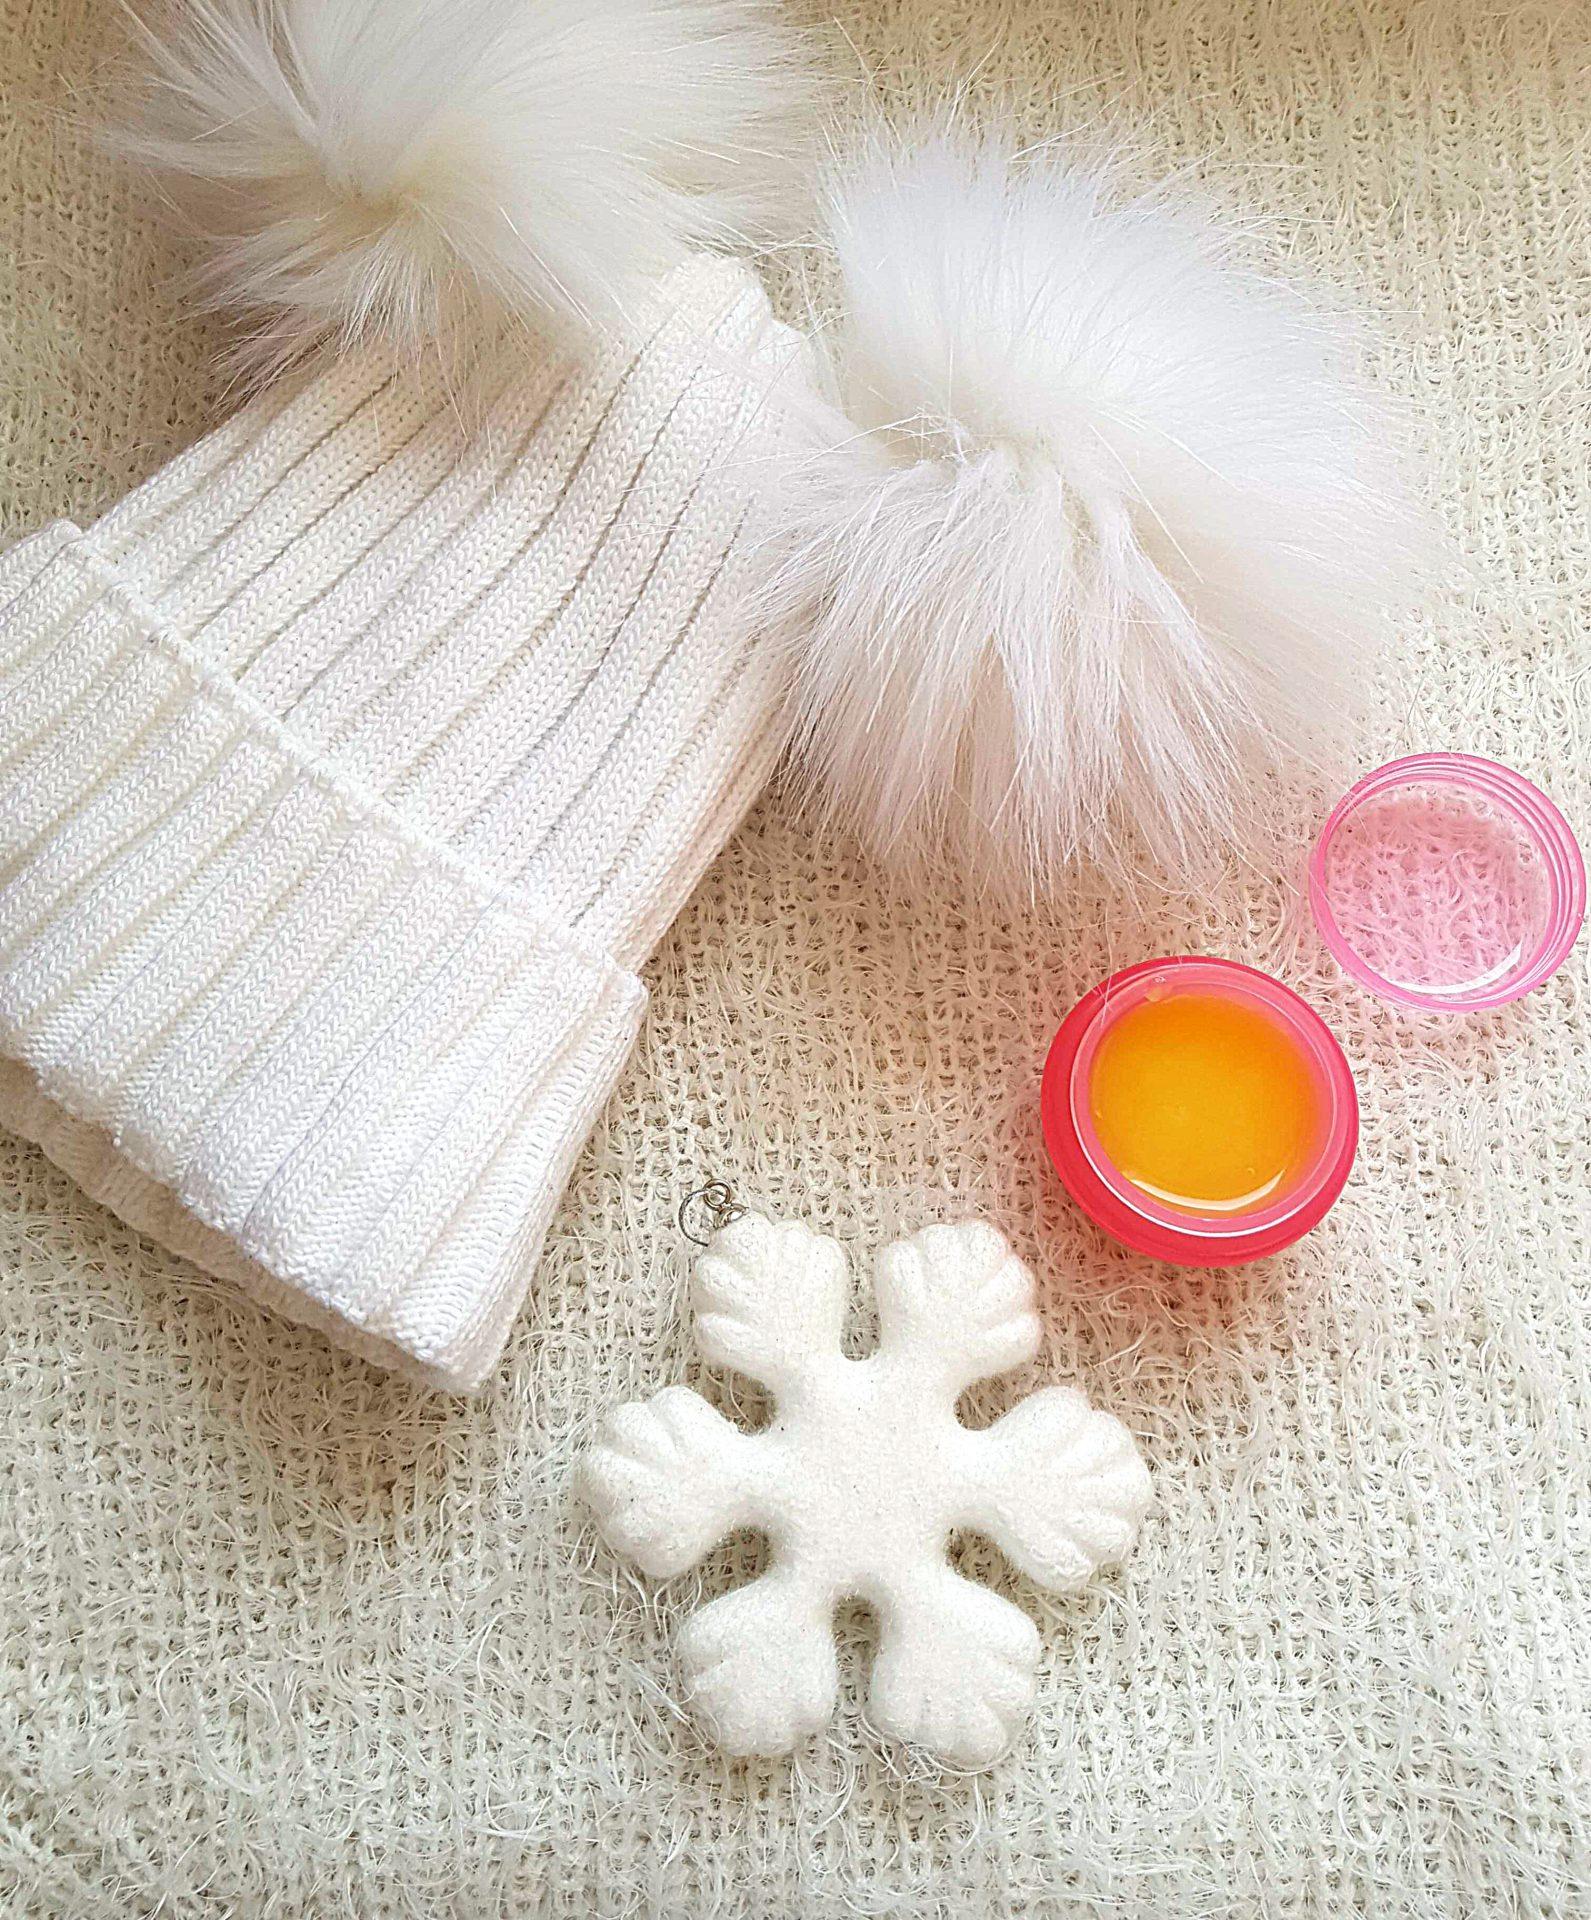 Przepis (DIY) – zimowy krem dla dzieci i dorosłych